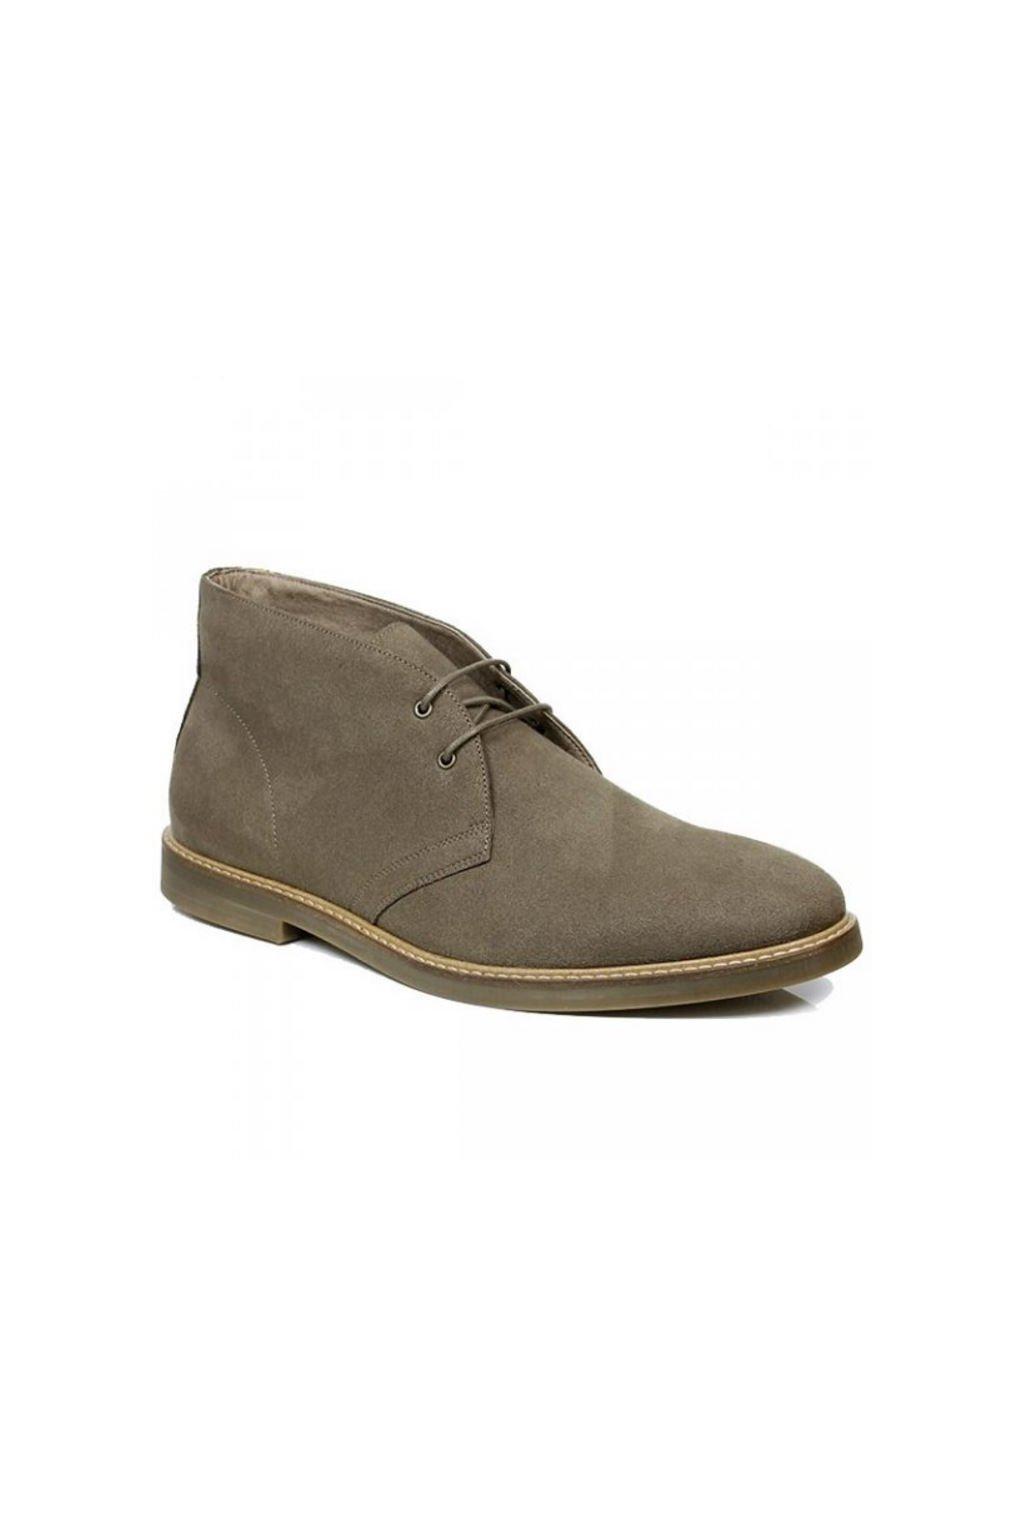 """Pánske členkové topánky """"Signature Deserts Taupe"""" - starý model"""